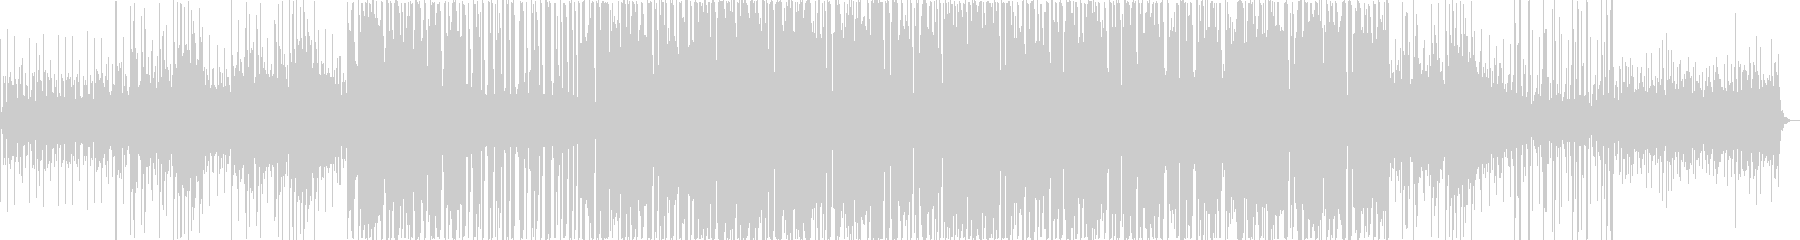 幻想的な旋律のエレキ音の未再生の波形